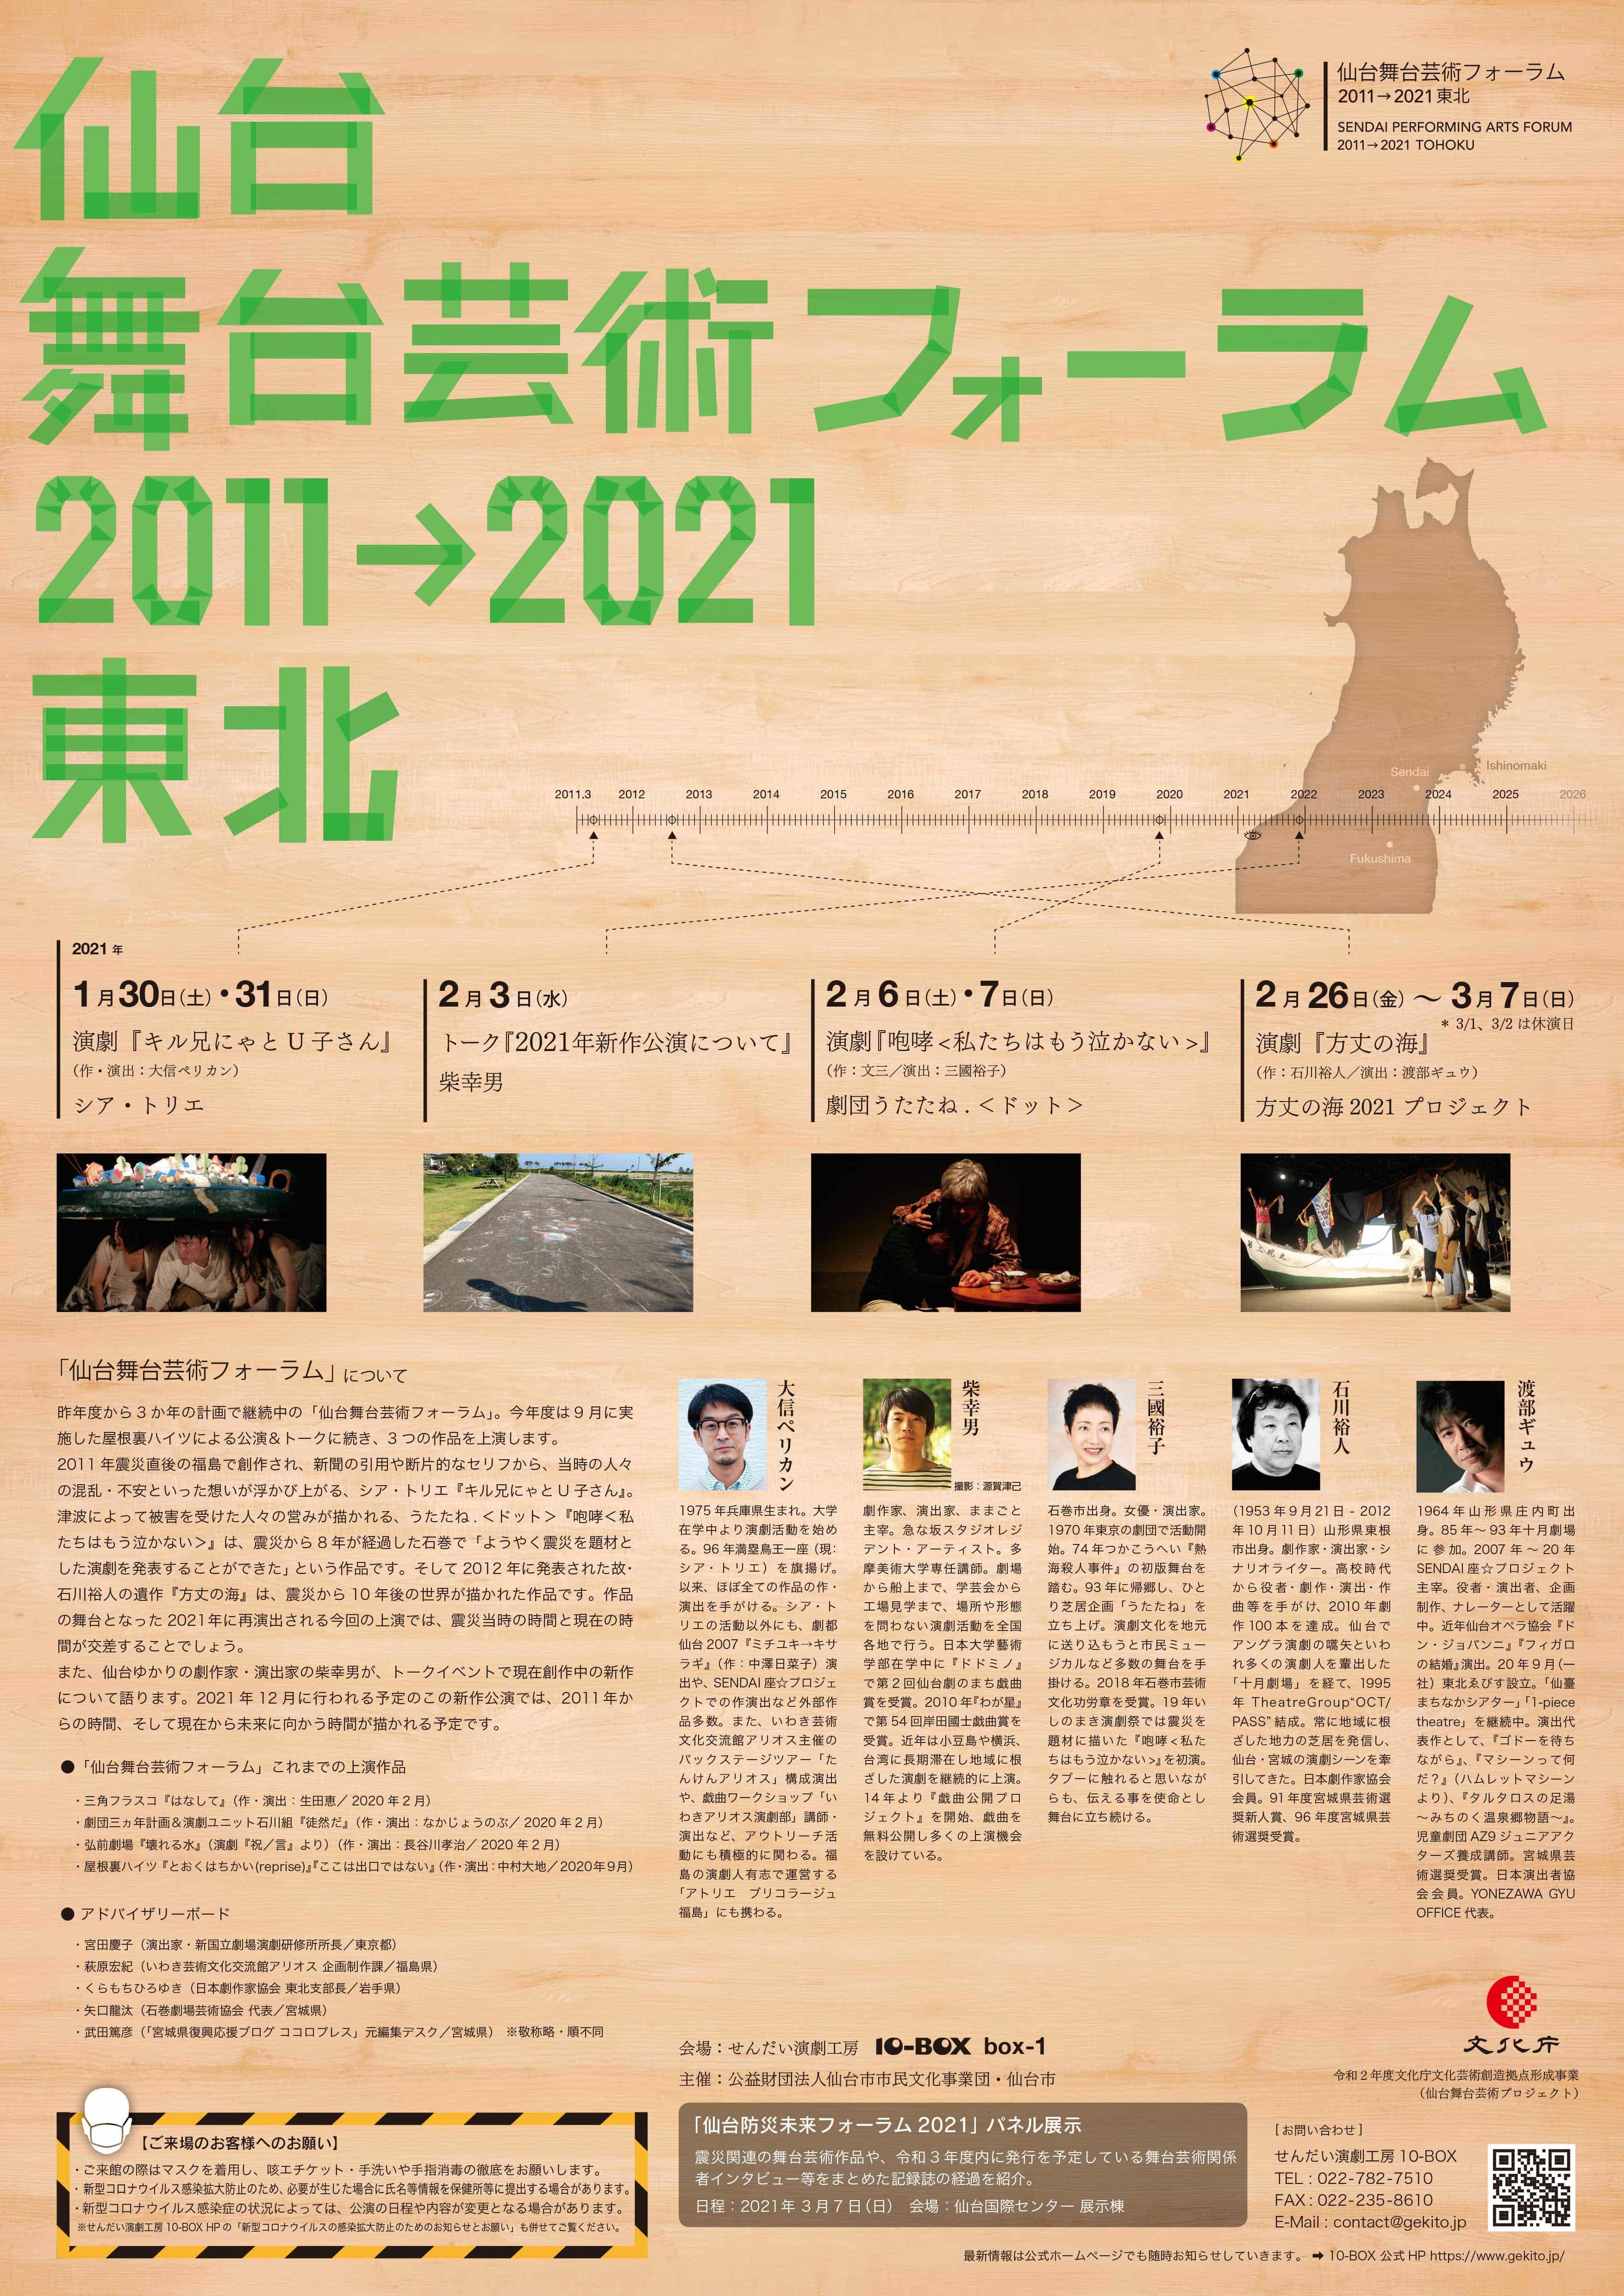 仙台舞台芸術フォーラム 2011→2021 東北